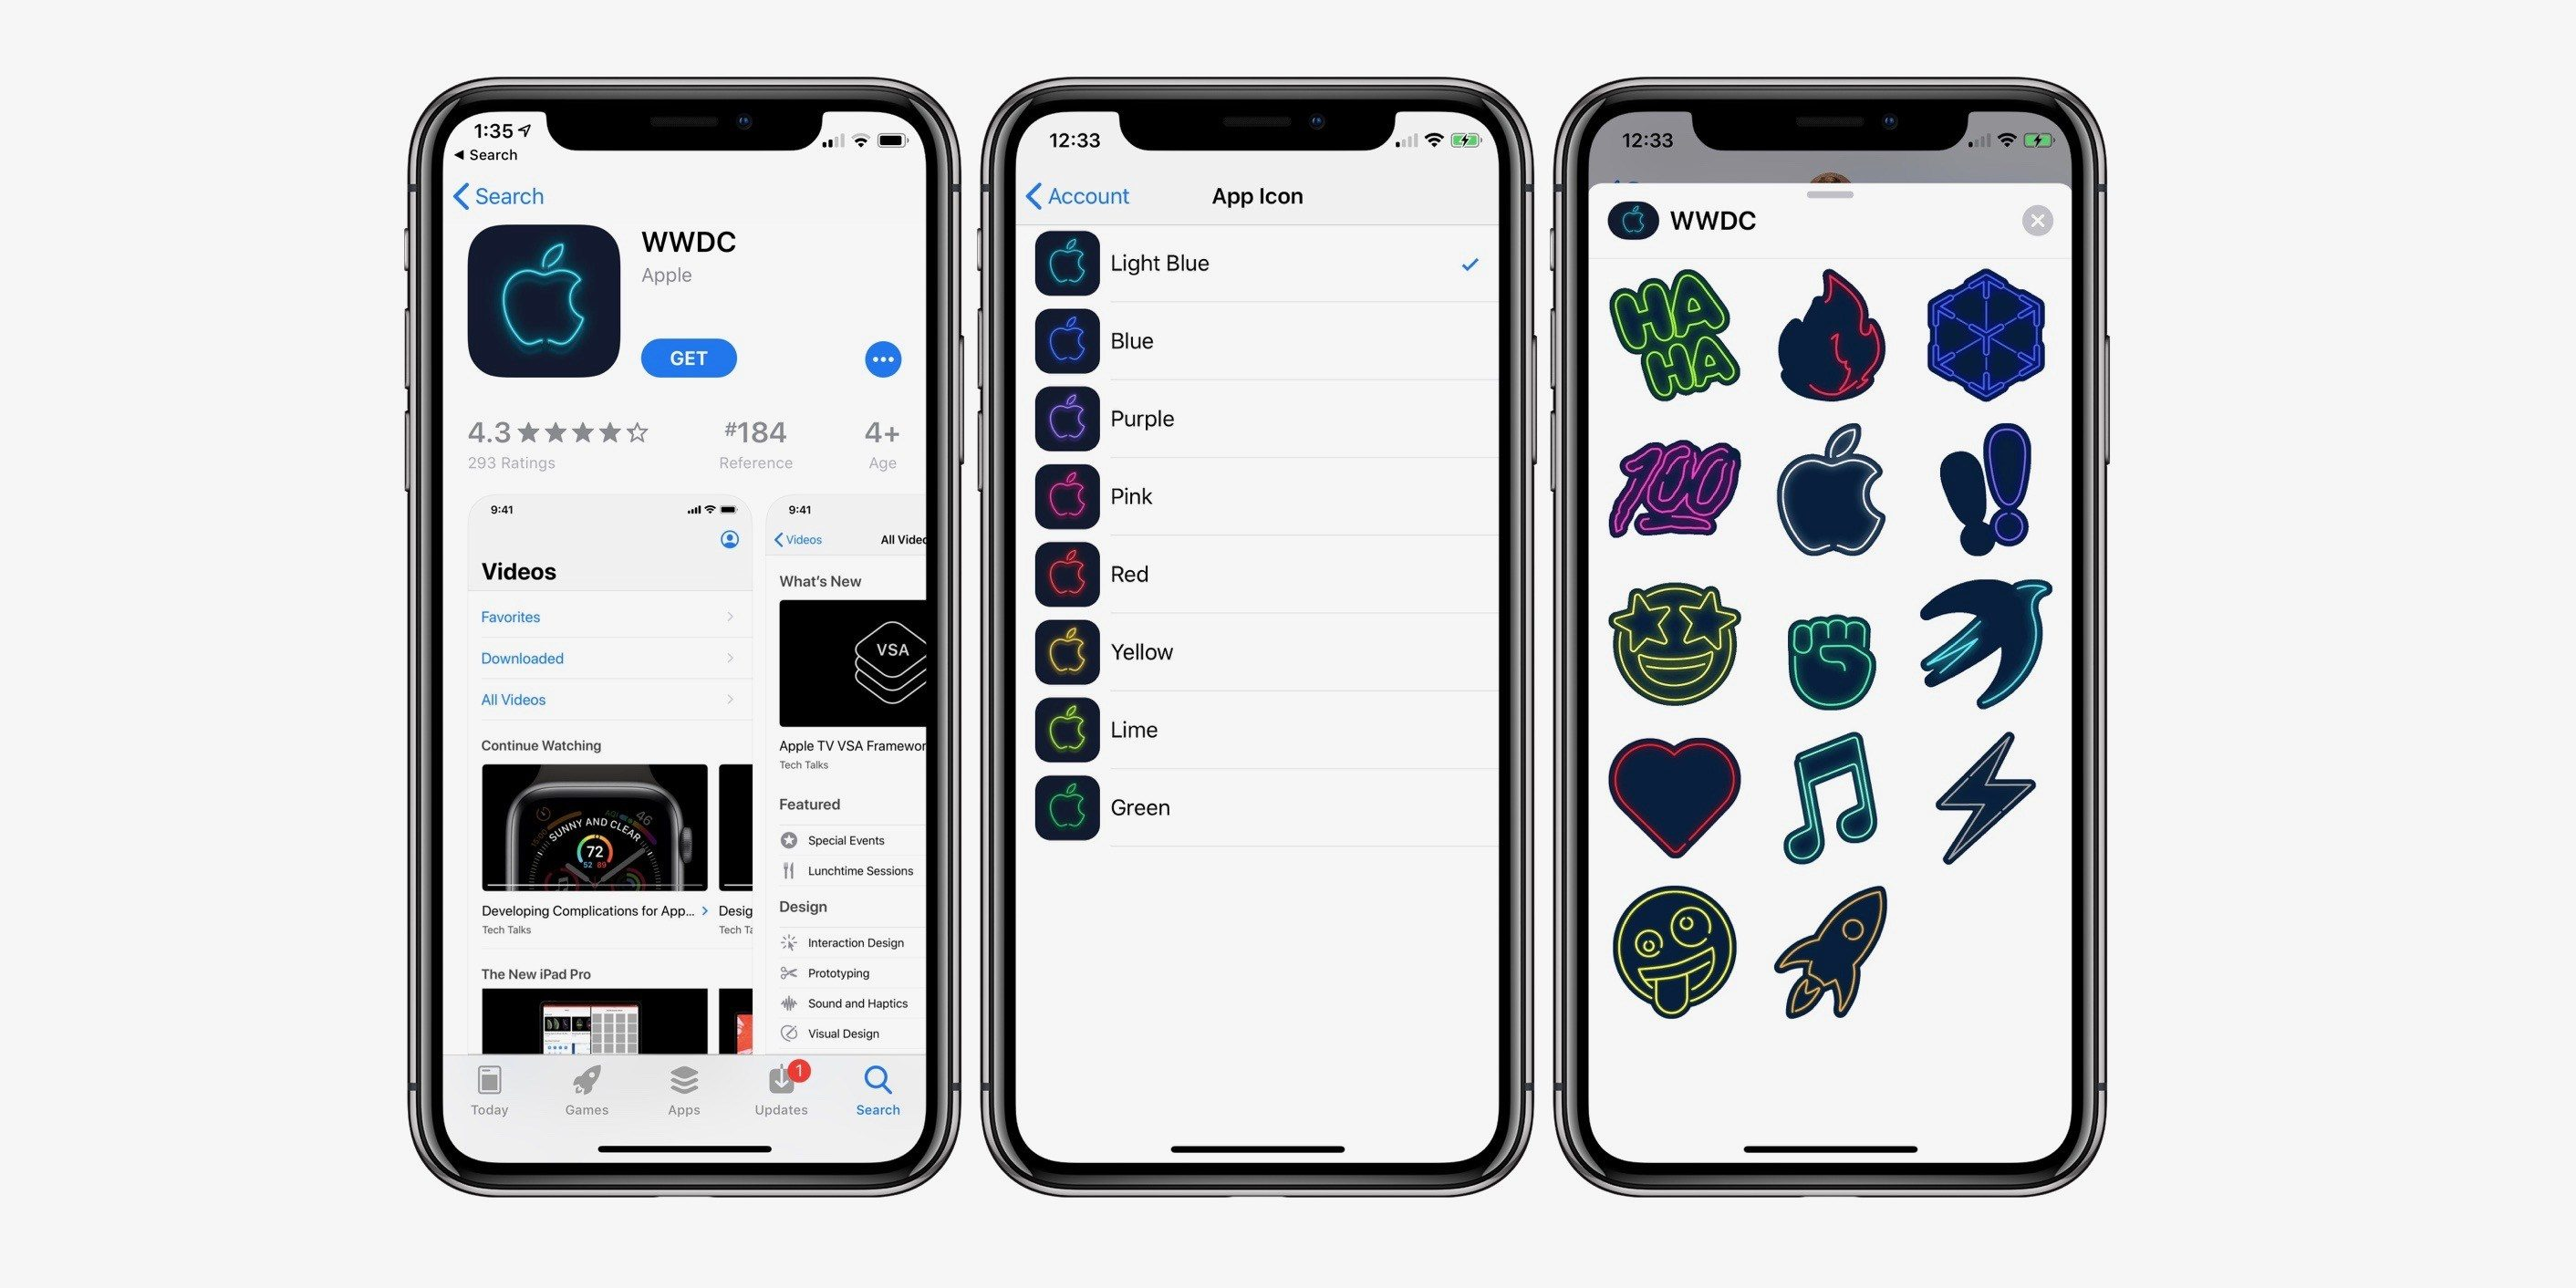 Apple app WWDC 2019